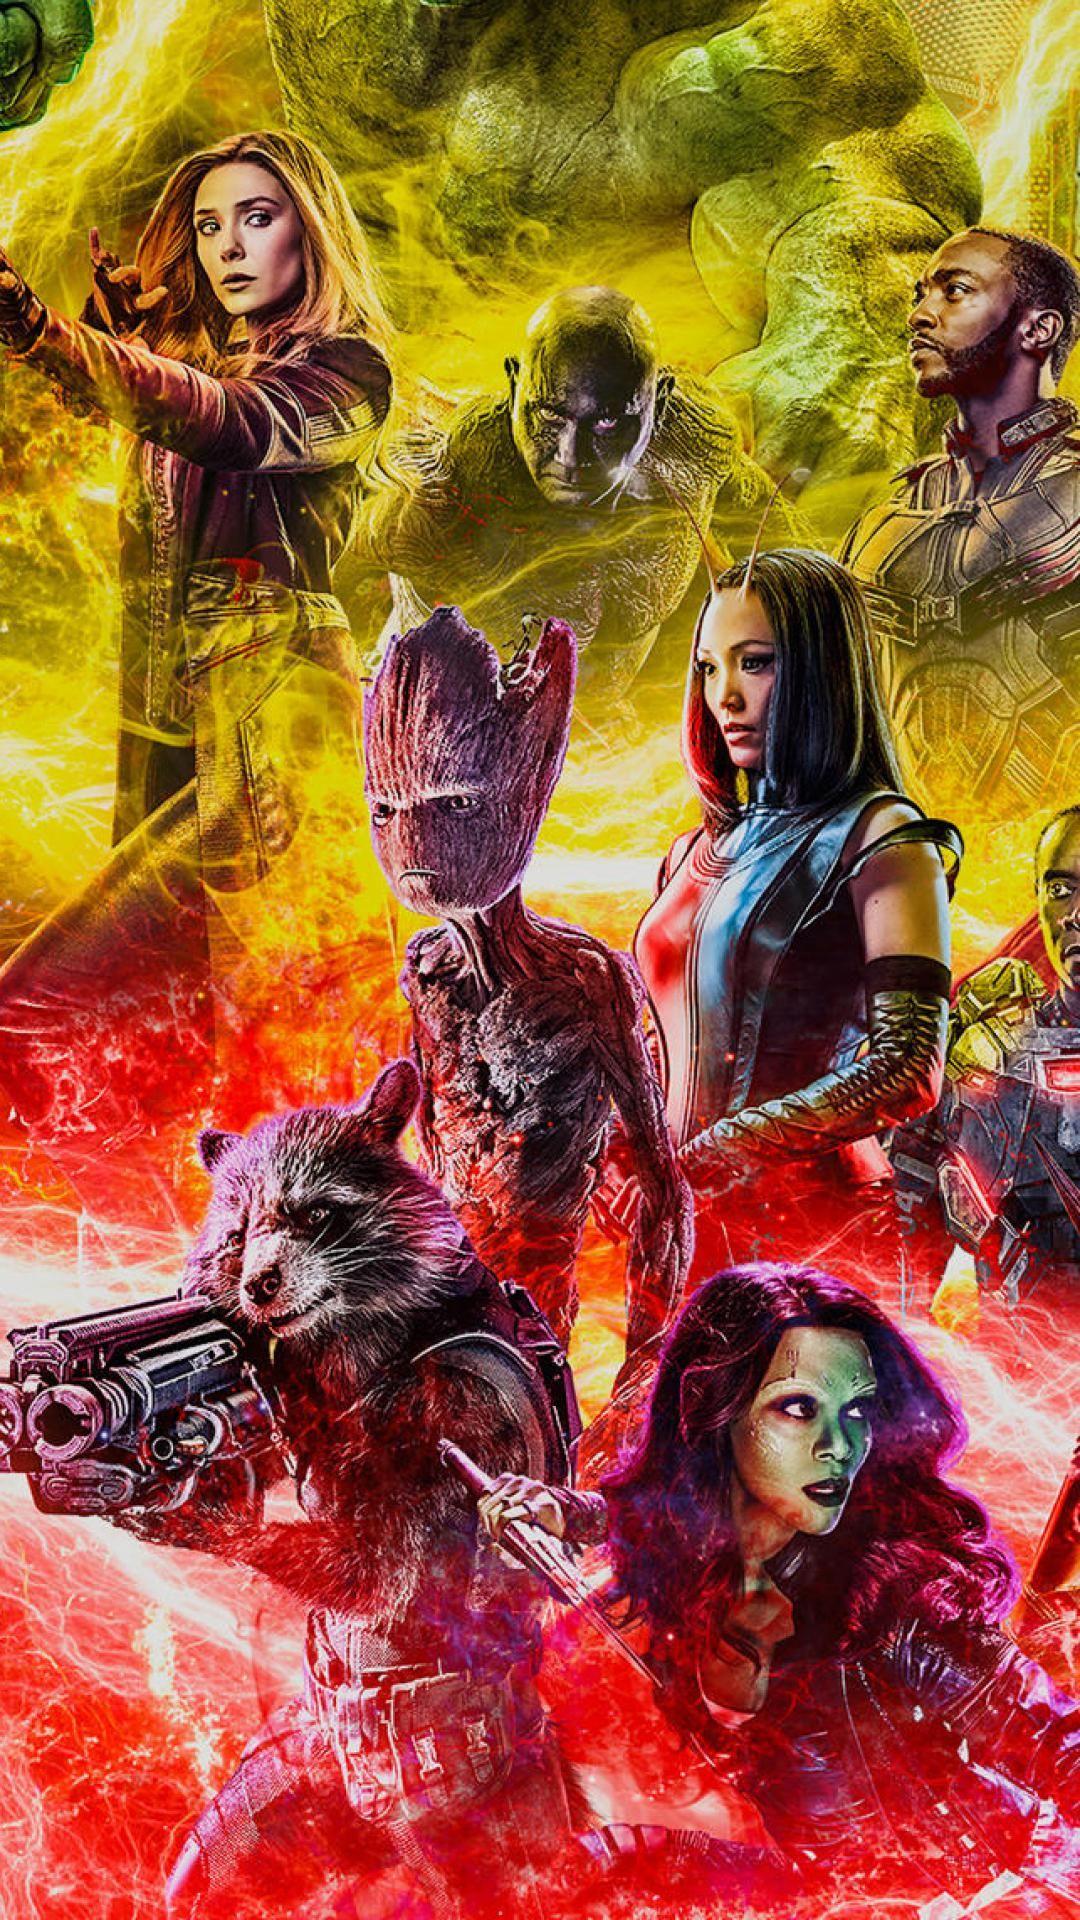 Avengers Endgame 2019 Wallpaper for mobile phones ...